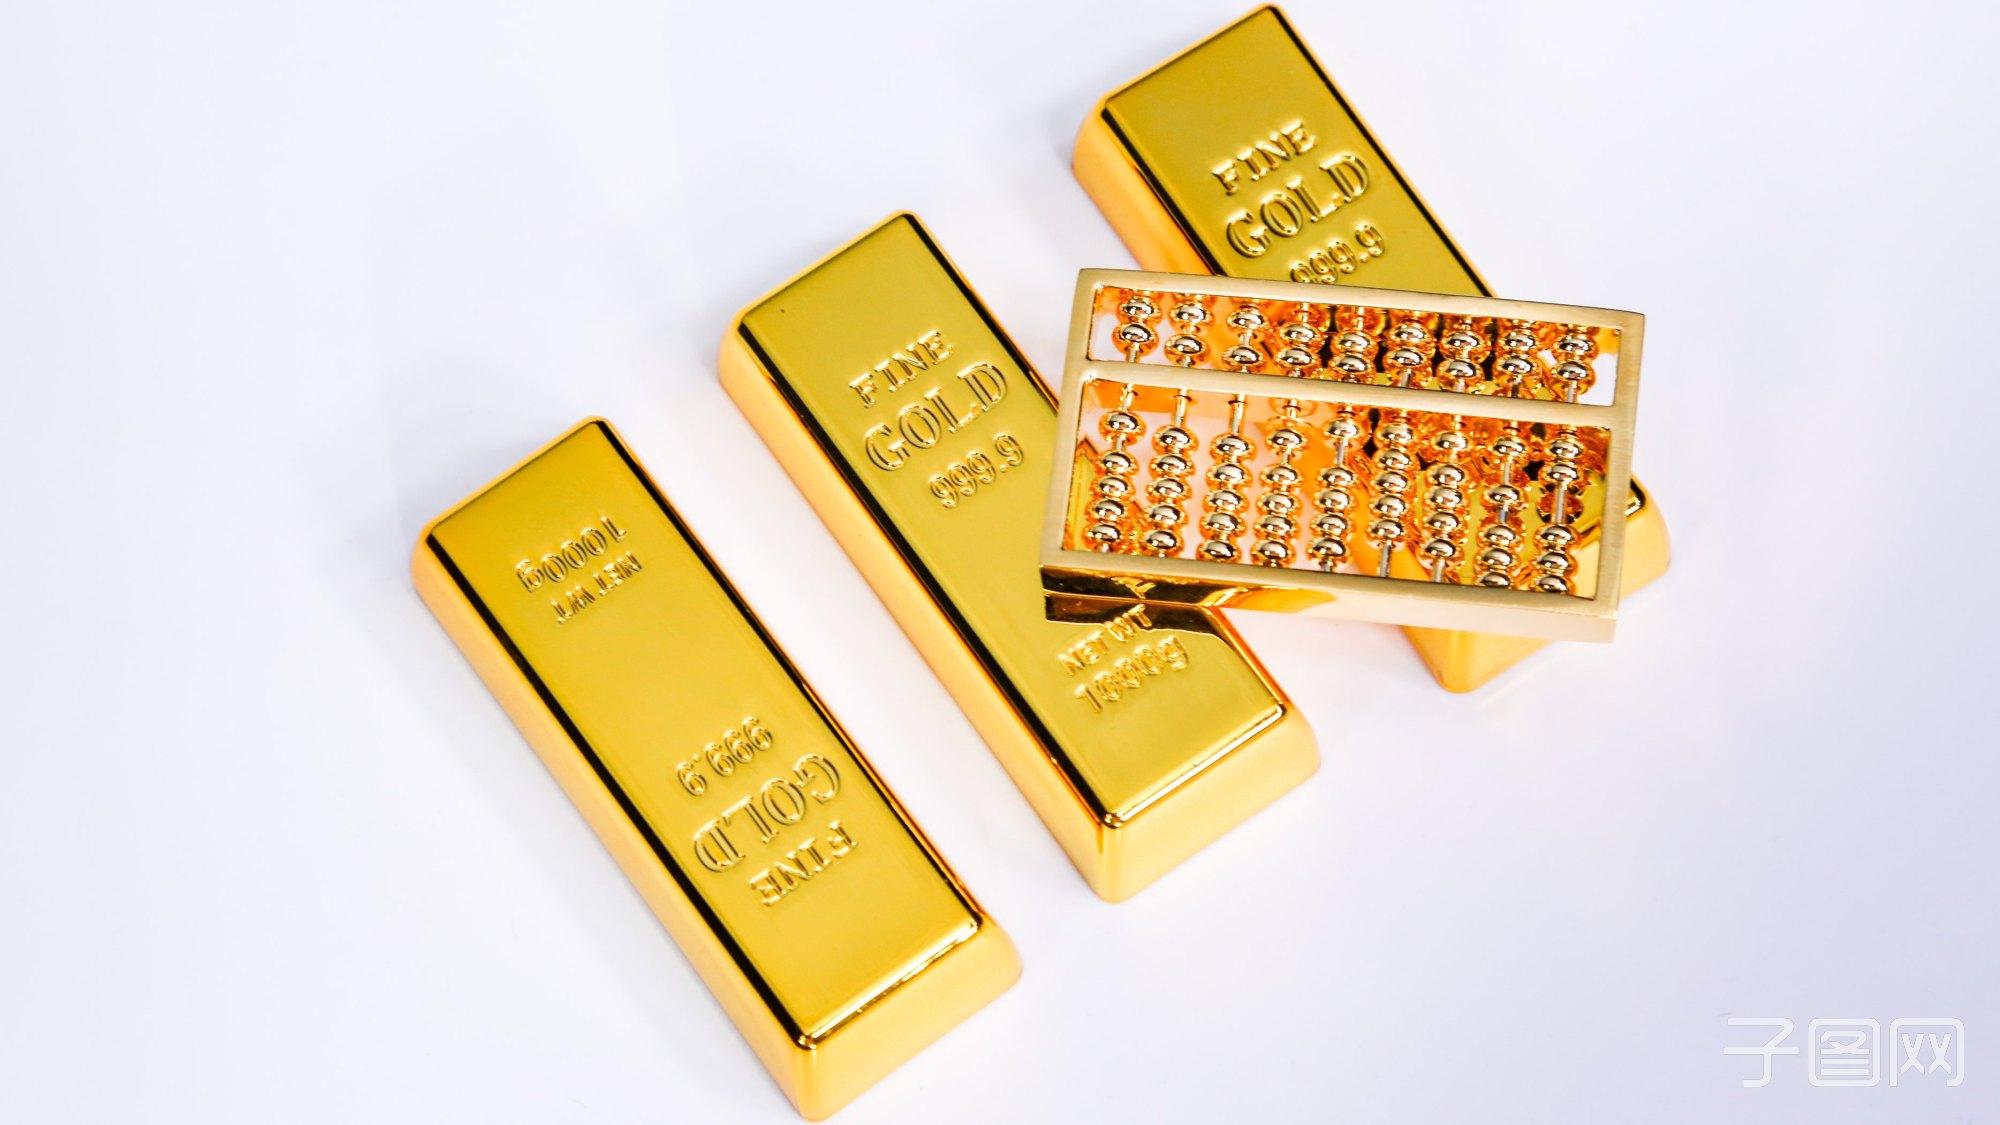 美國刺激法案再遇阻礙,強勢美元終於開始小漲,黃金卻意外大跌?-圖2